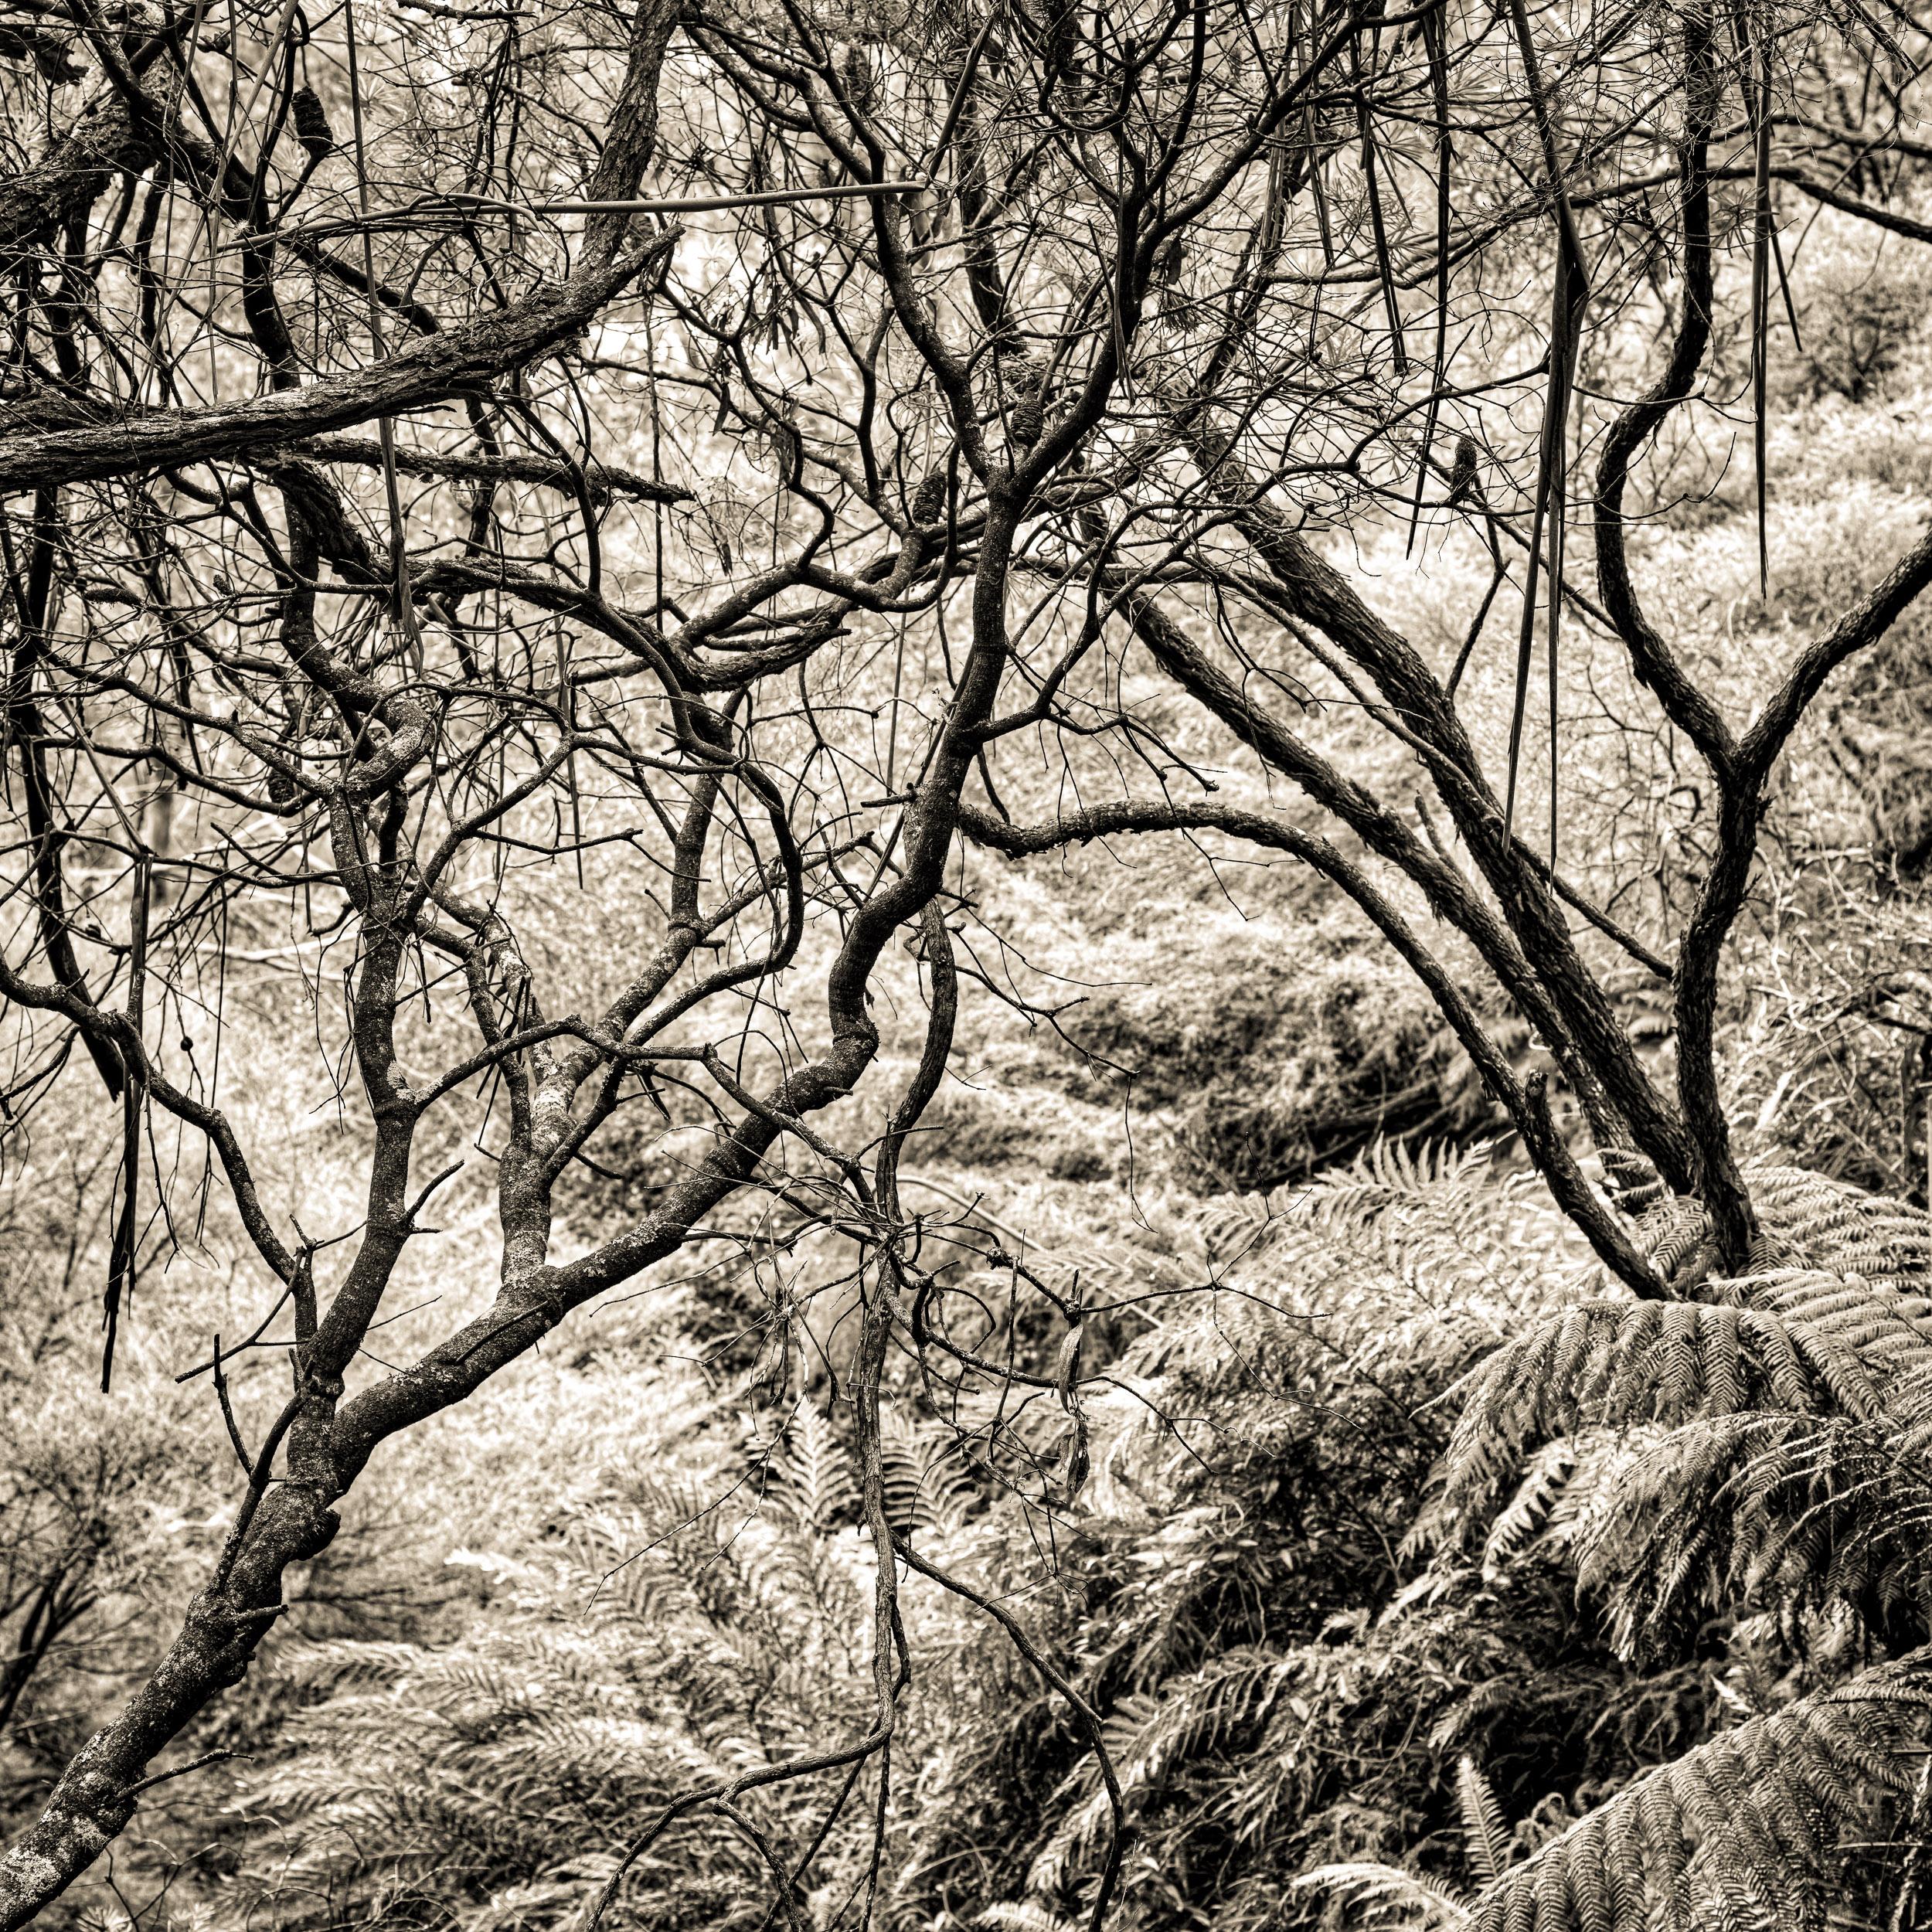 Leura Cascades, The Greater Blue Mountains World Heritage Area, Australia - Photograph © Len Metcalf